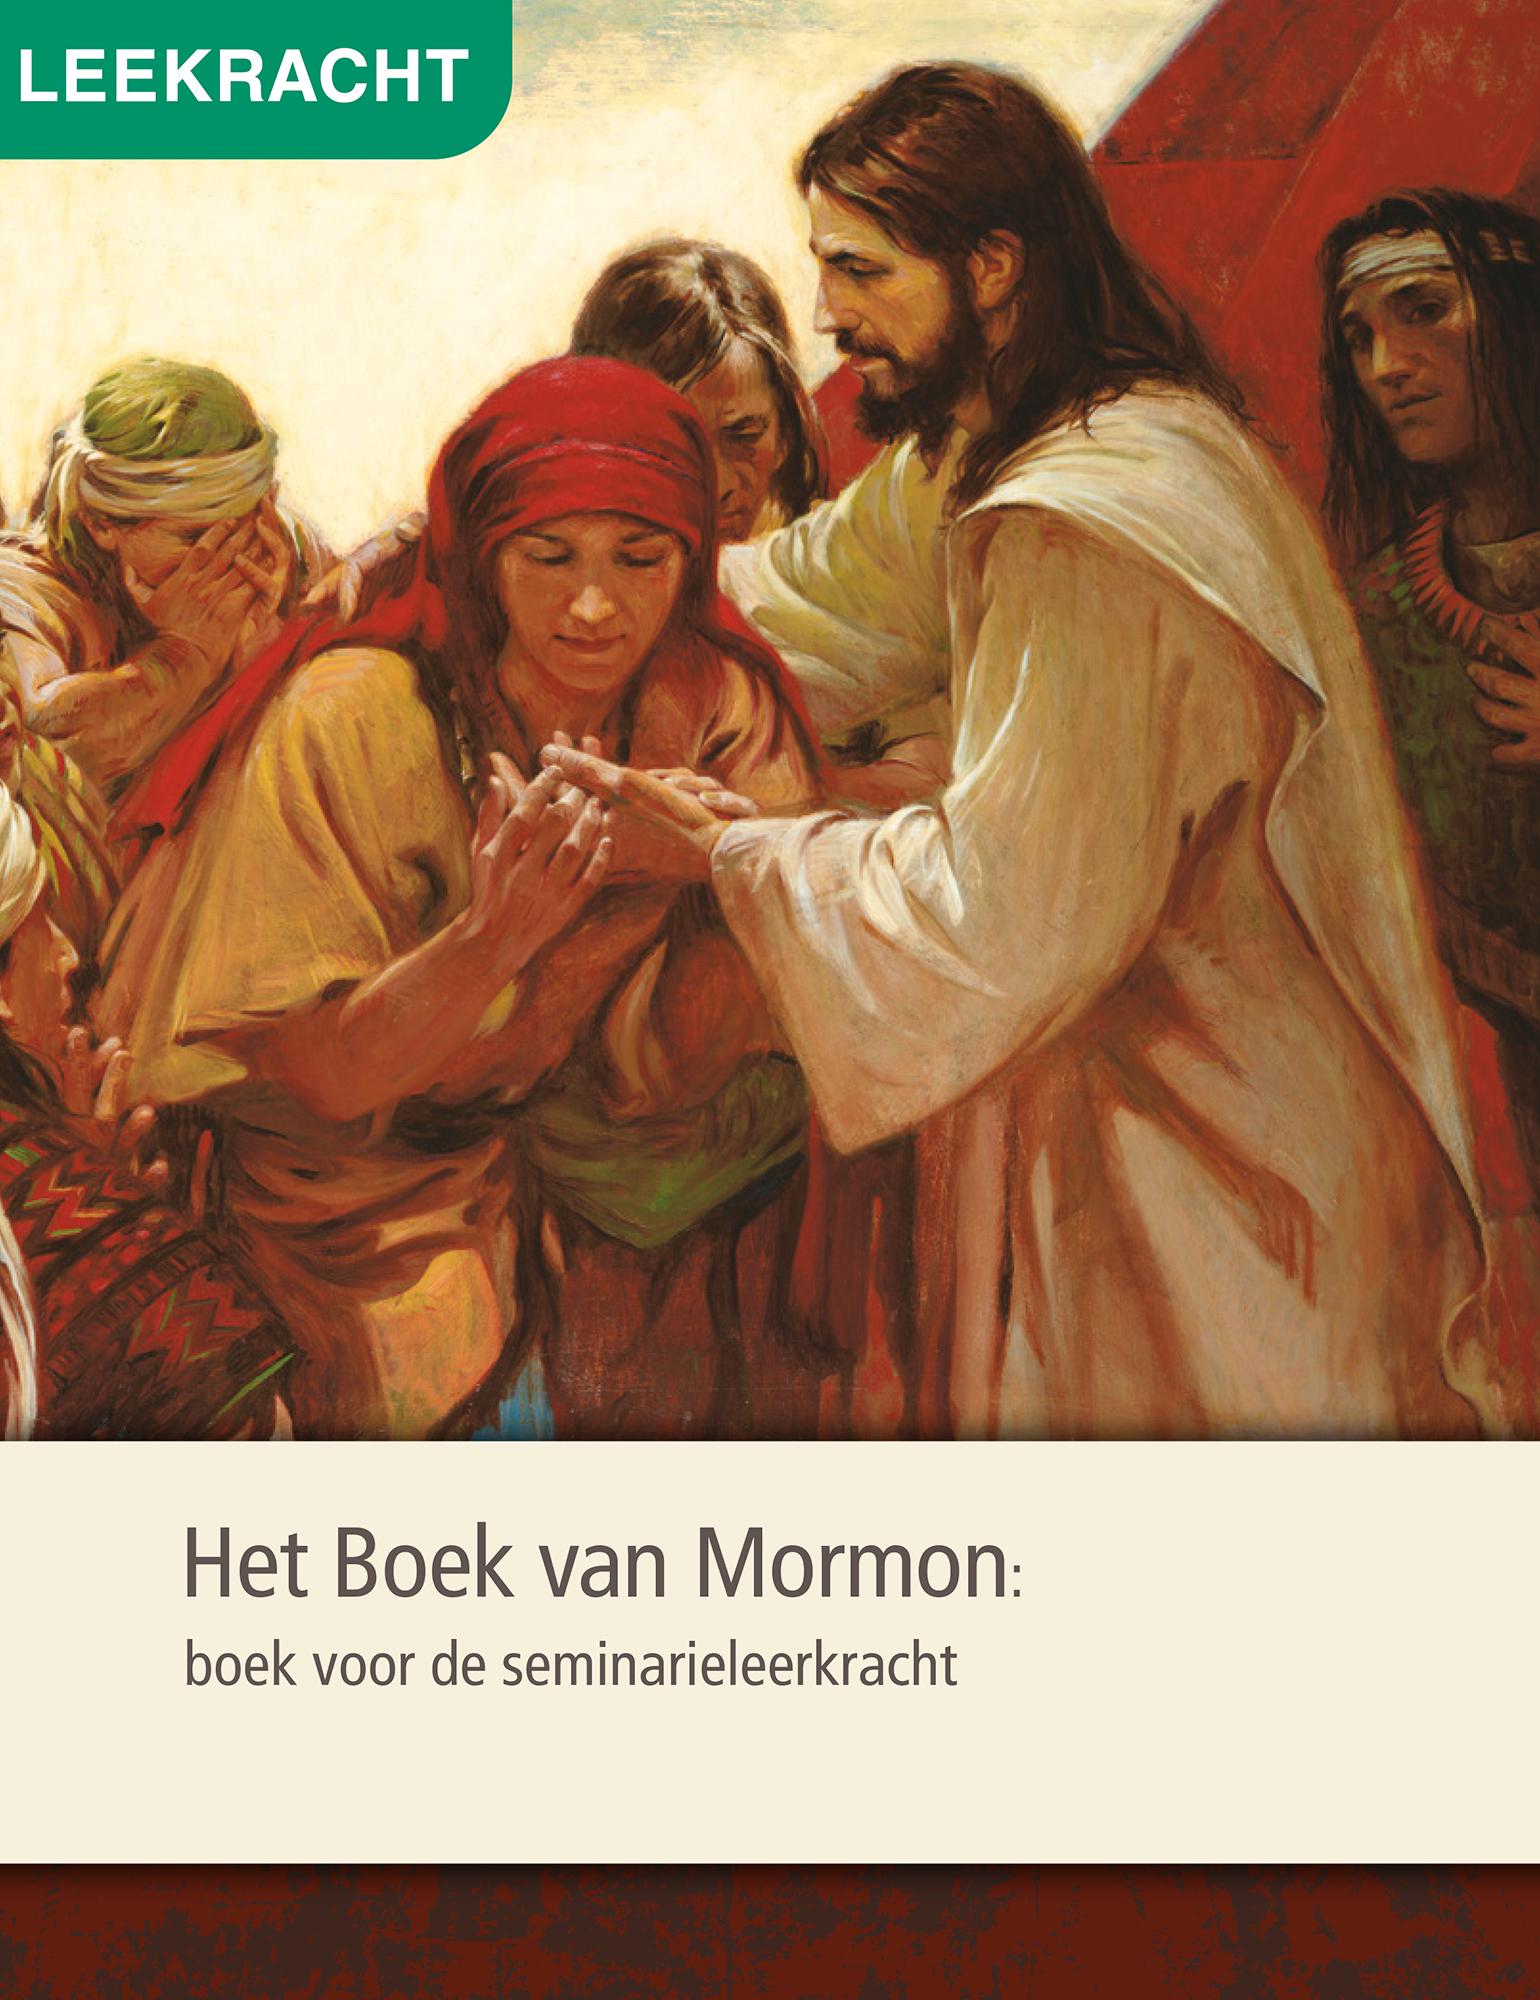 Het Boek van Mormon: boek voor de seminarieleerkracht